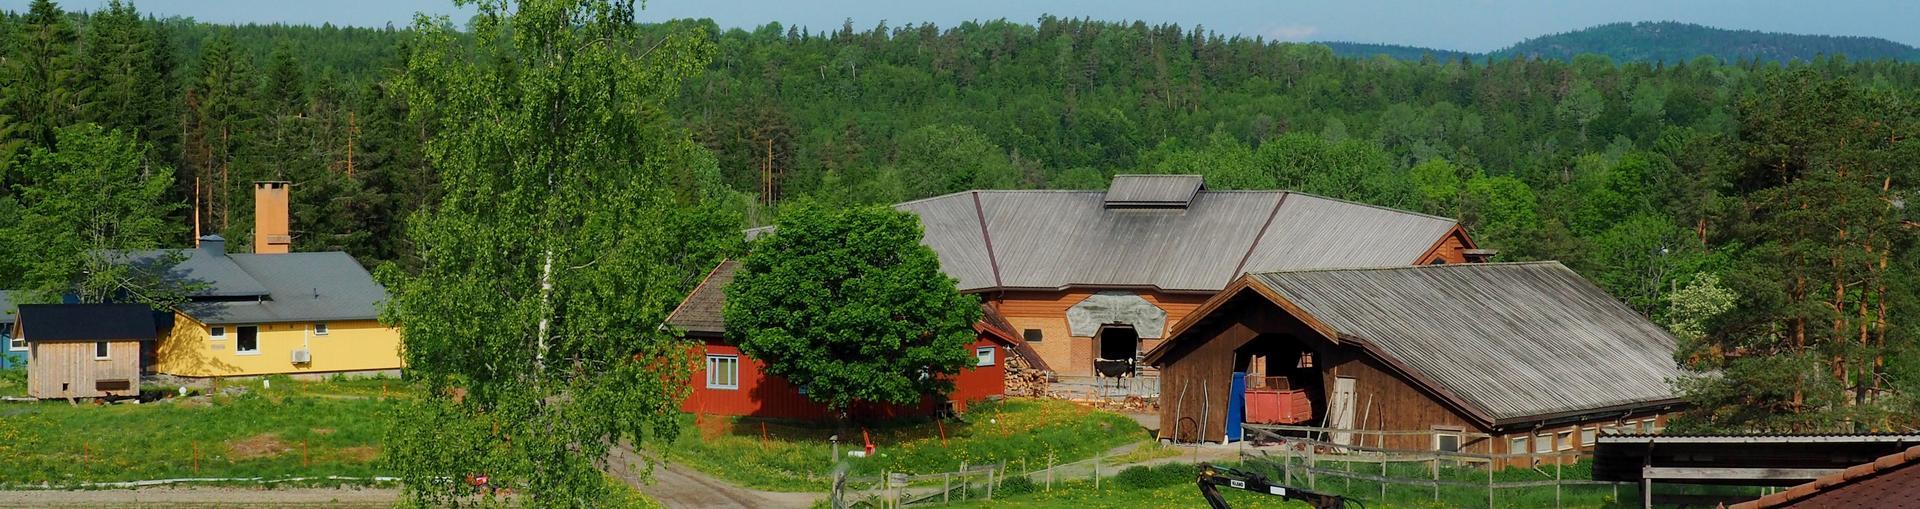 Solborg hus